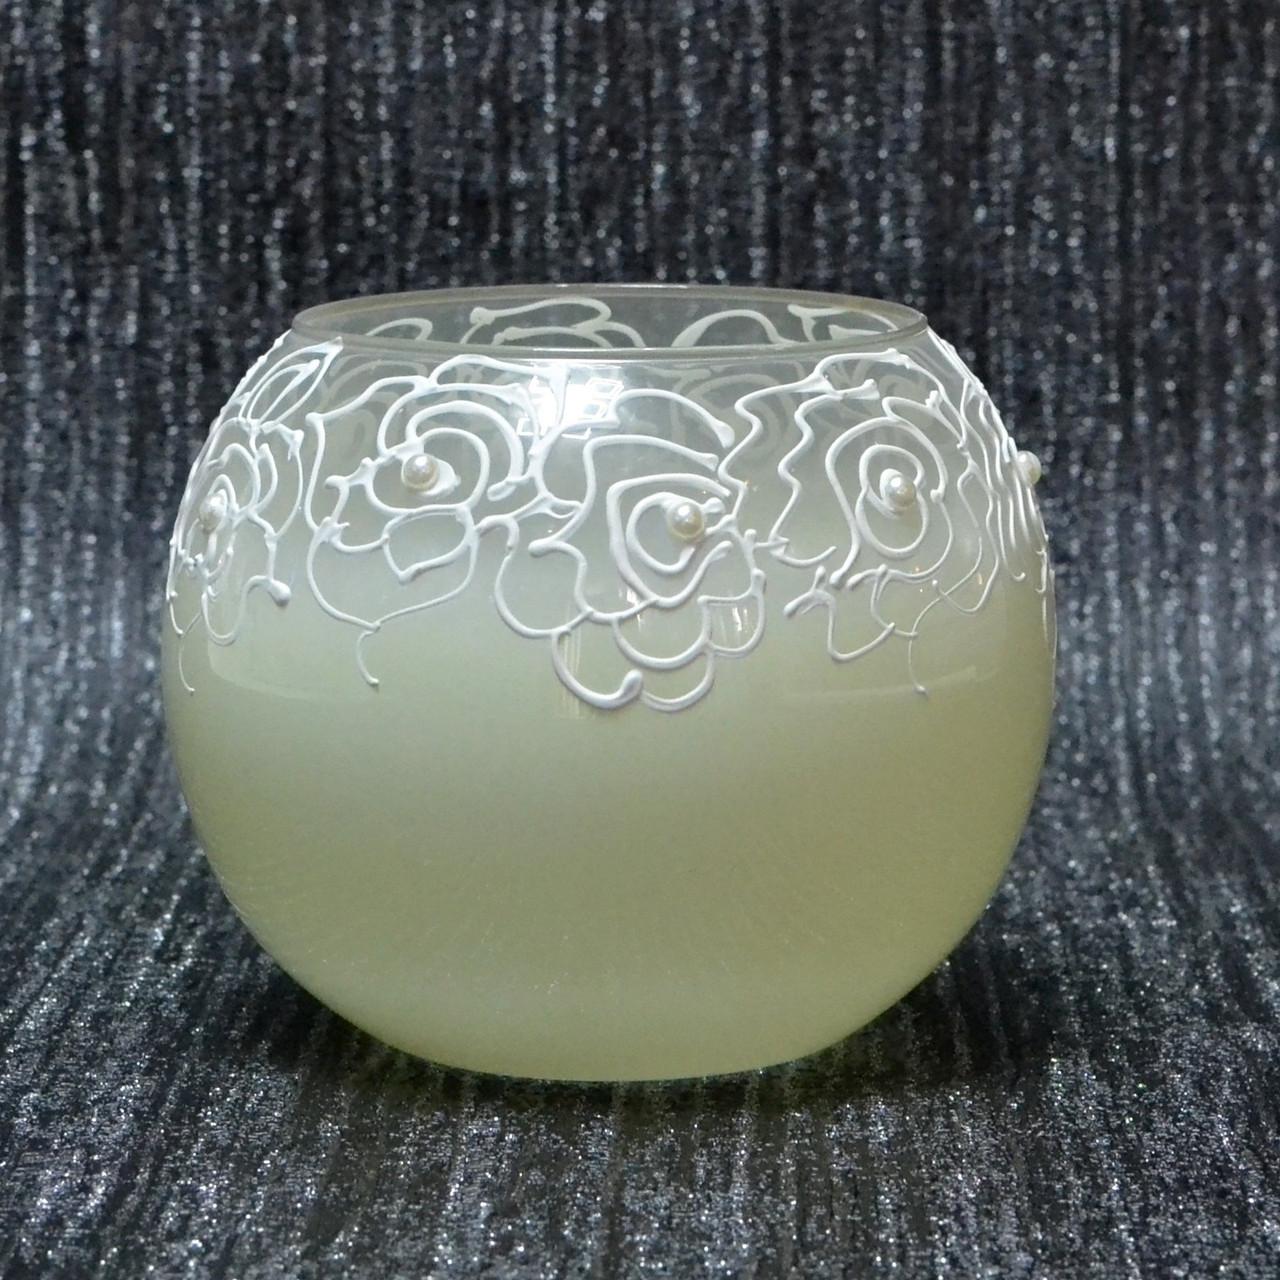 Ваза стекло скло світло лимонного кольору, висота 12,5 см